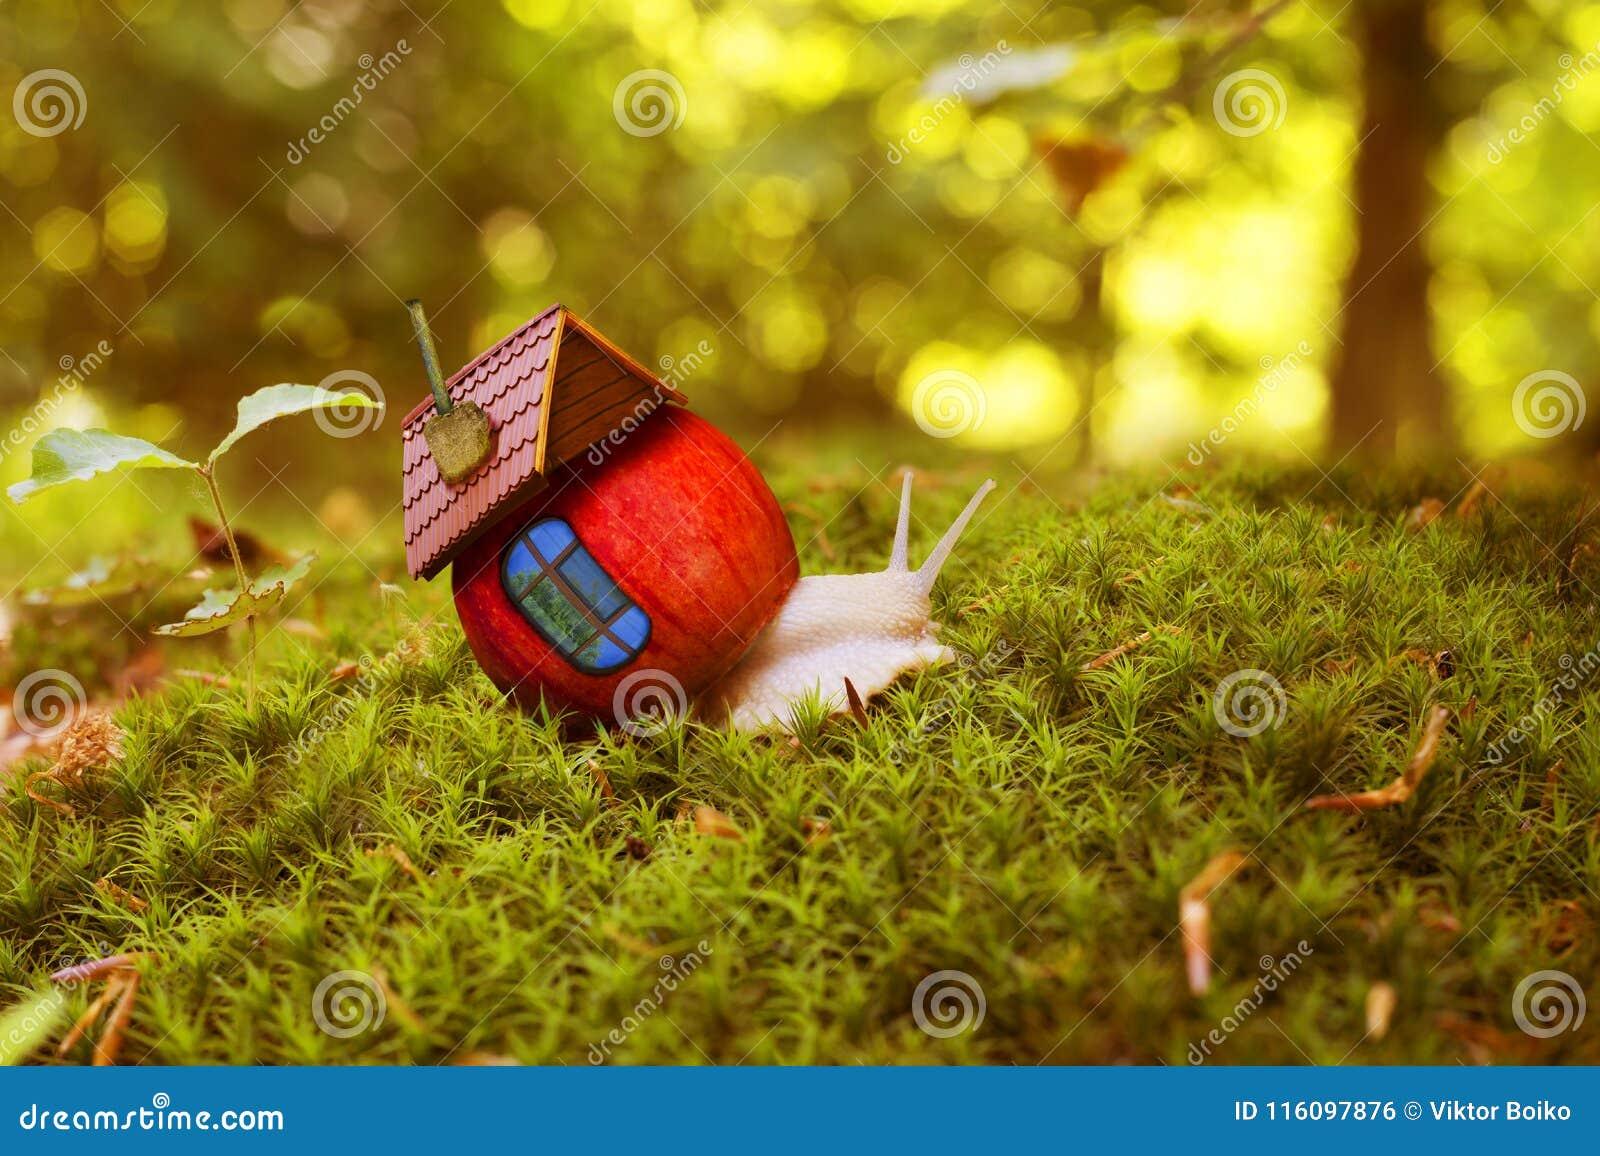 La lumaca striscia fra il muschio della foresta con una casa